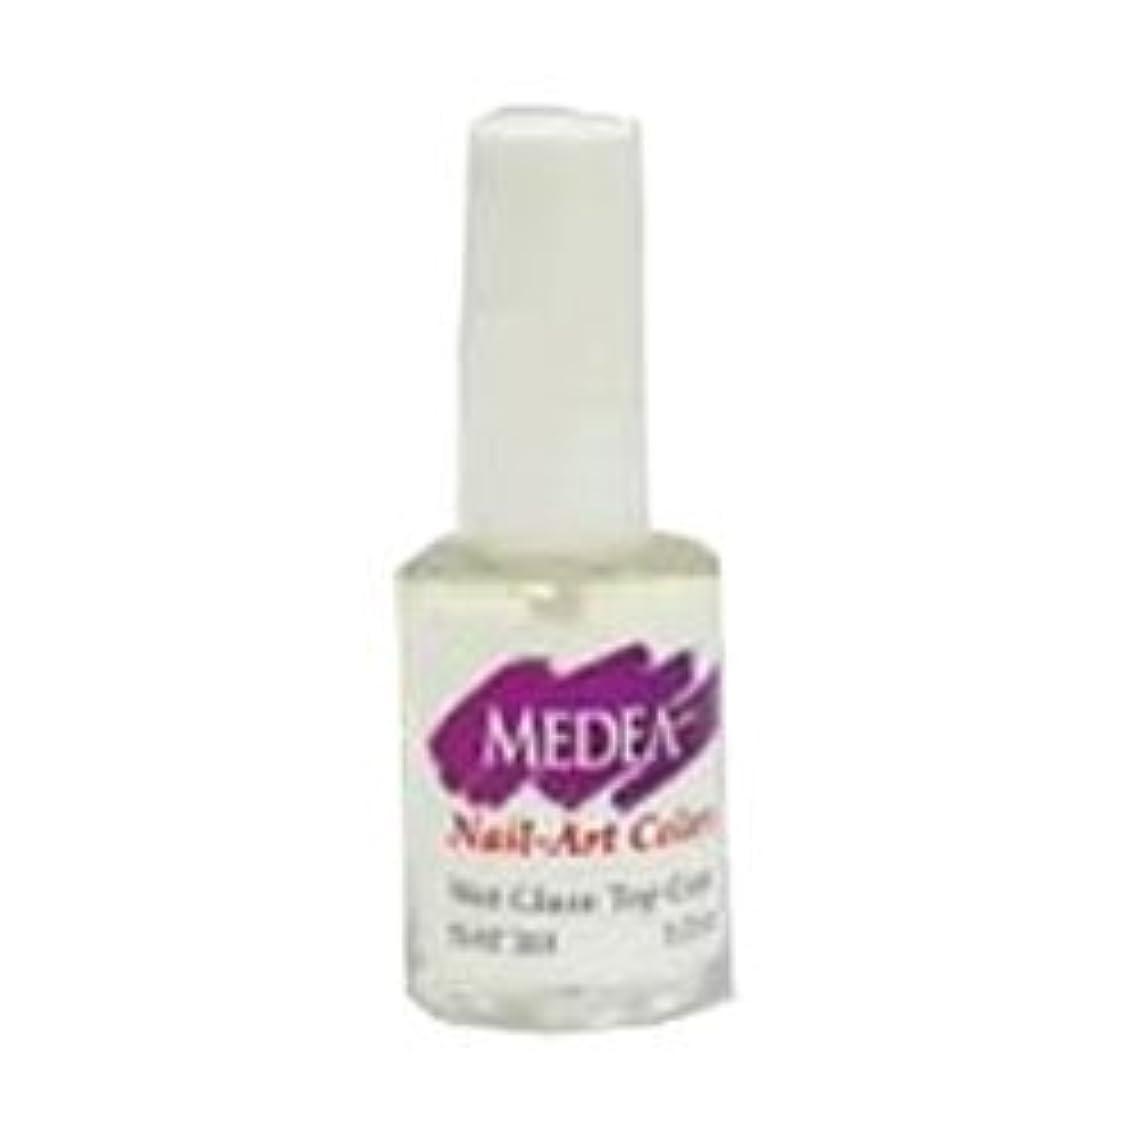 断言する休憩するアレルギー性ネイルカラー30ml トップコート NAT203